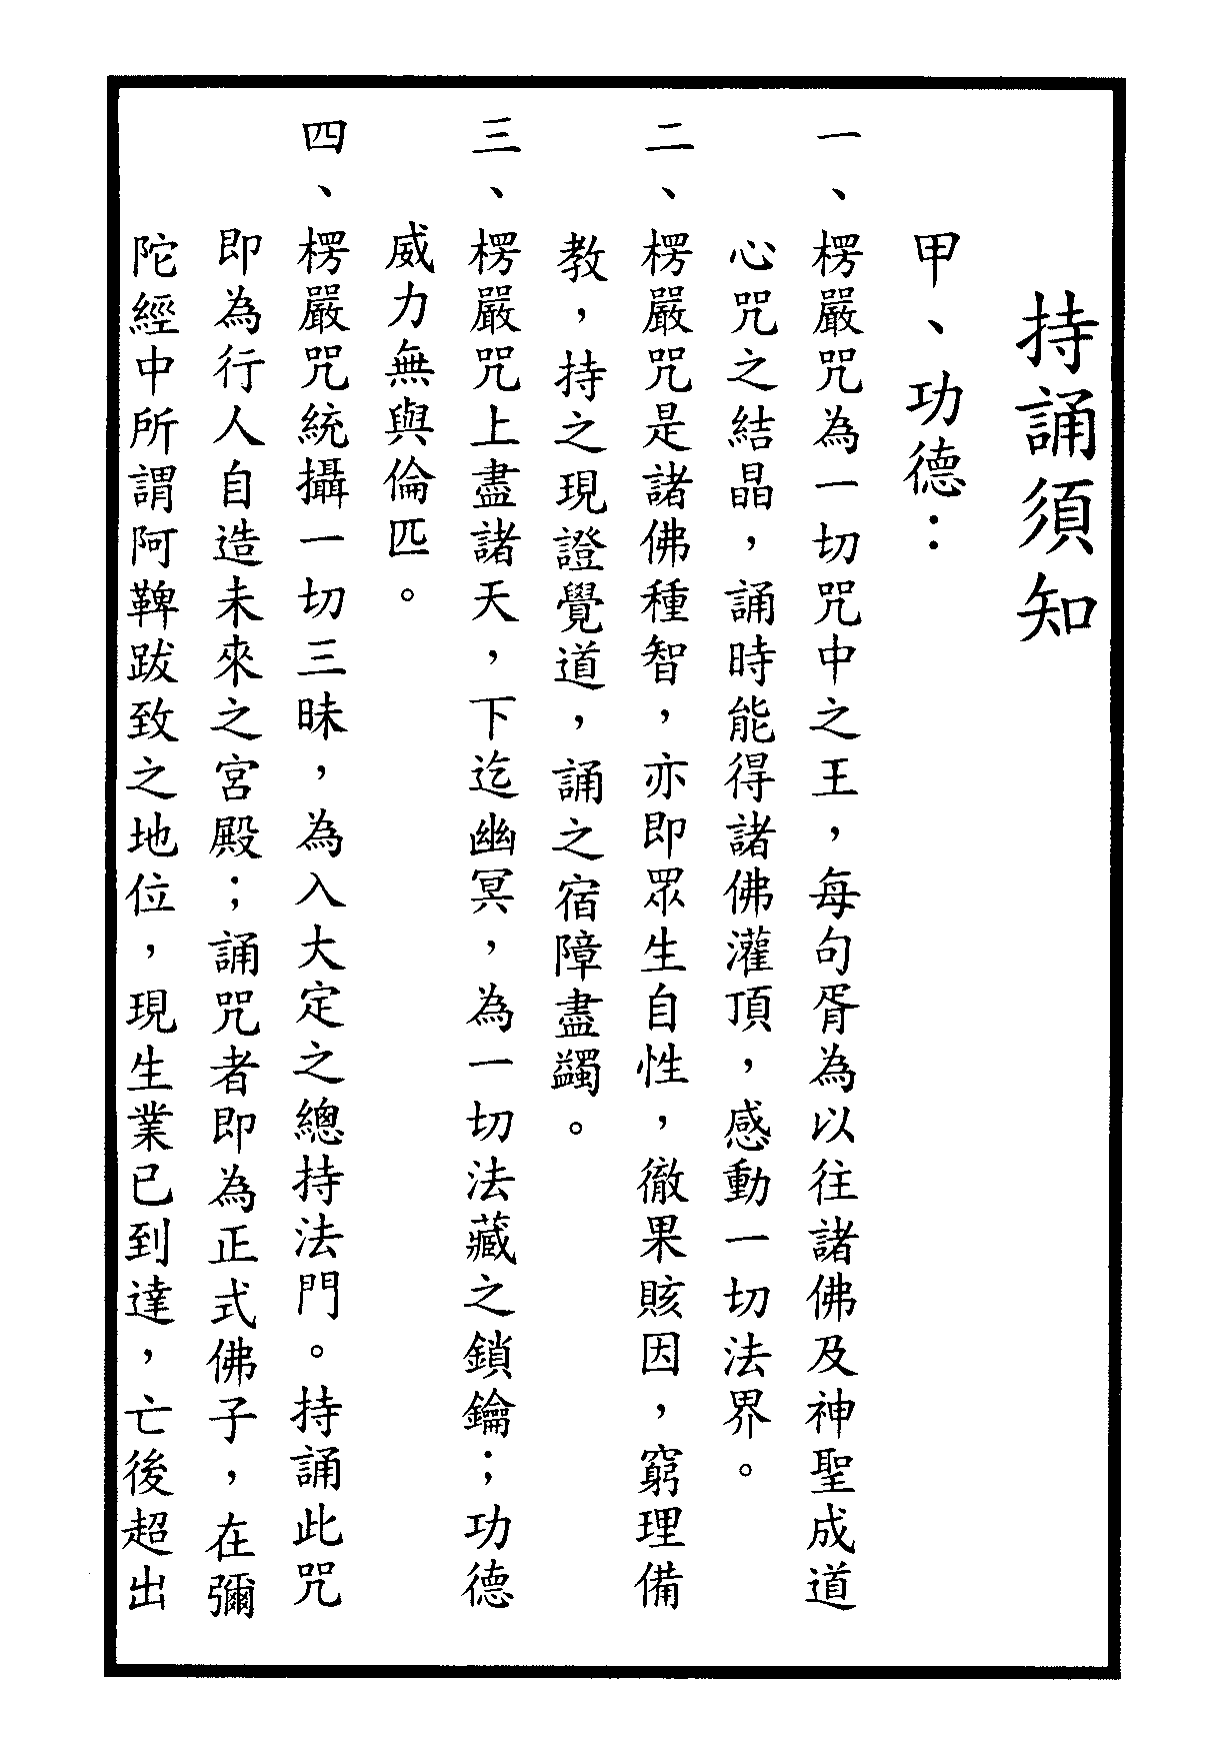 楞嚴咒-大悲咒-十小咒-易背本 3.png